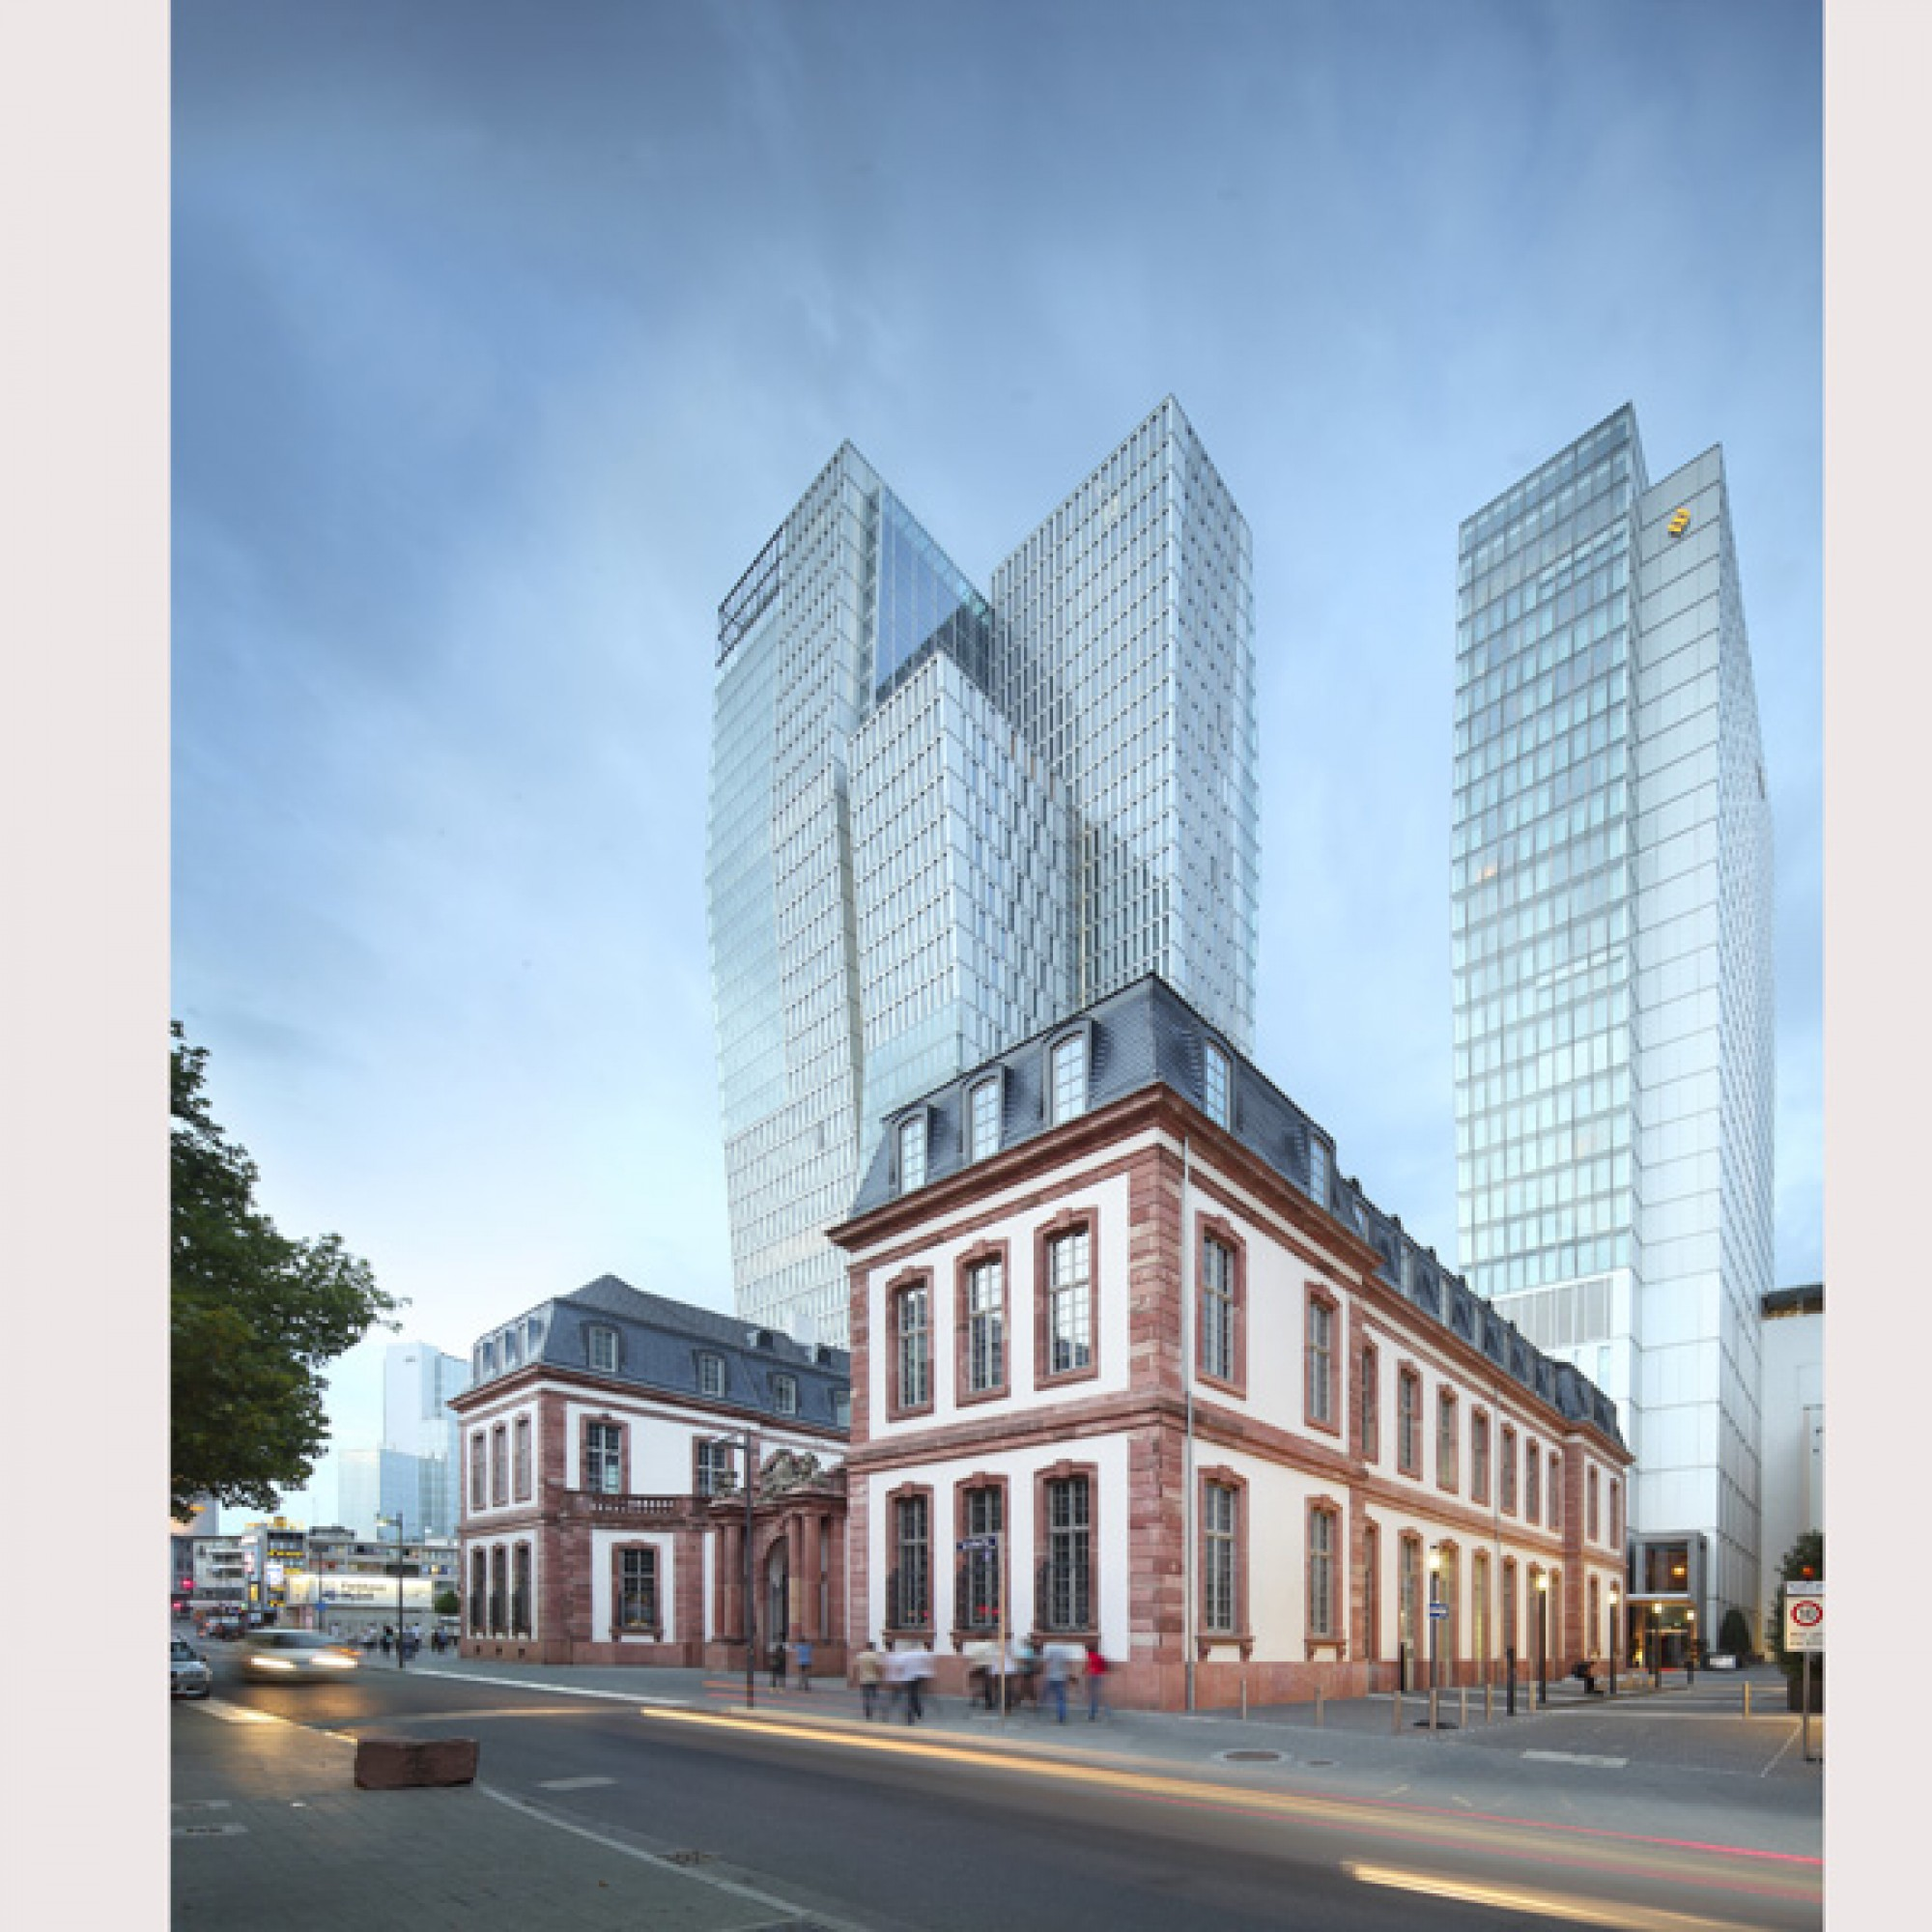 Palais-Quartier, Nextower und Hotelturm Jumeirah mit Thurn-und-Taxis-Palais, KSP Jürgen Engel Architekten (Jean-Luc Valentin, 2012)